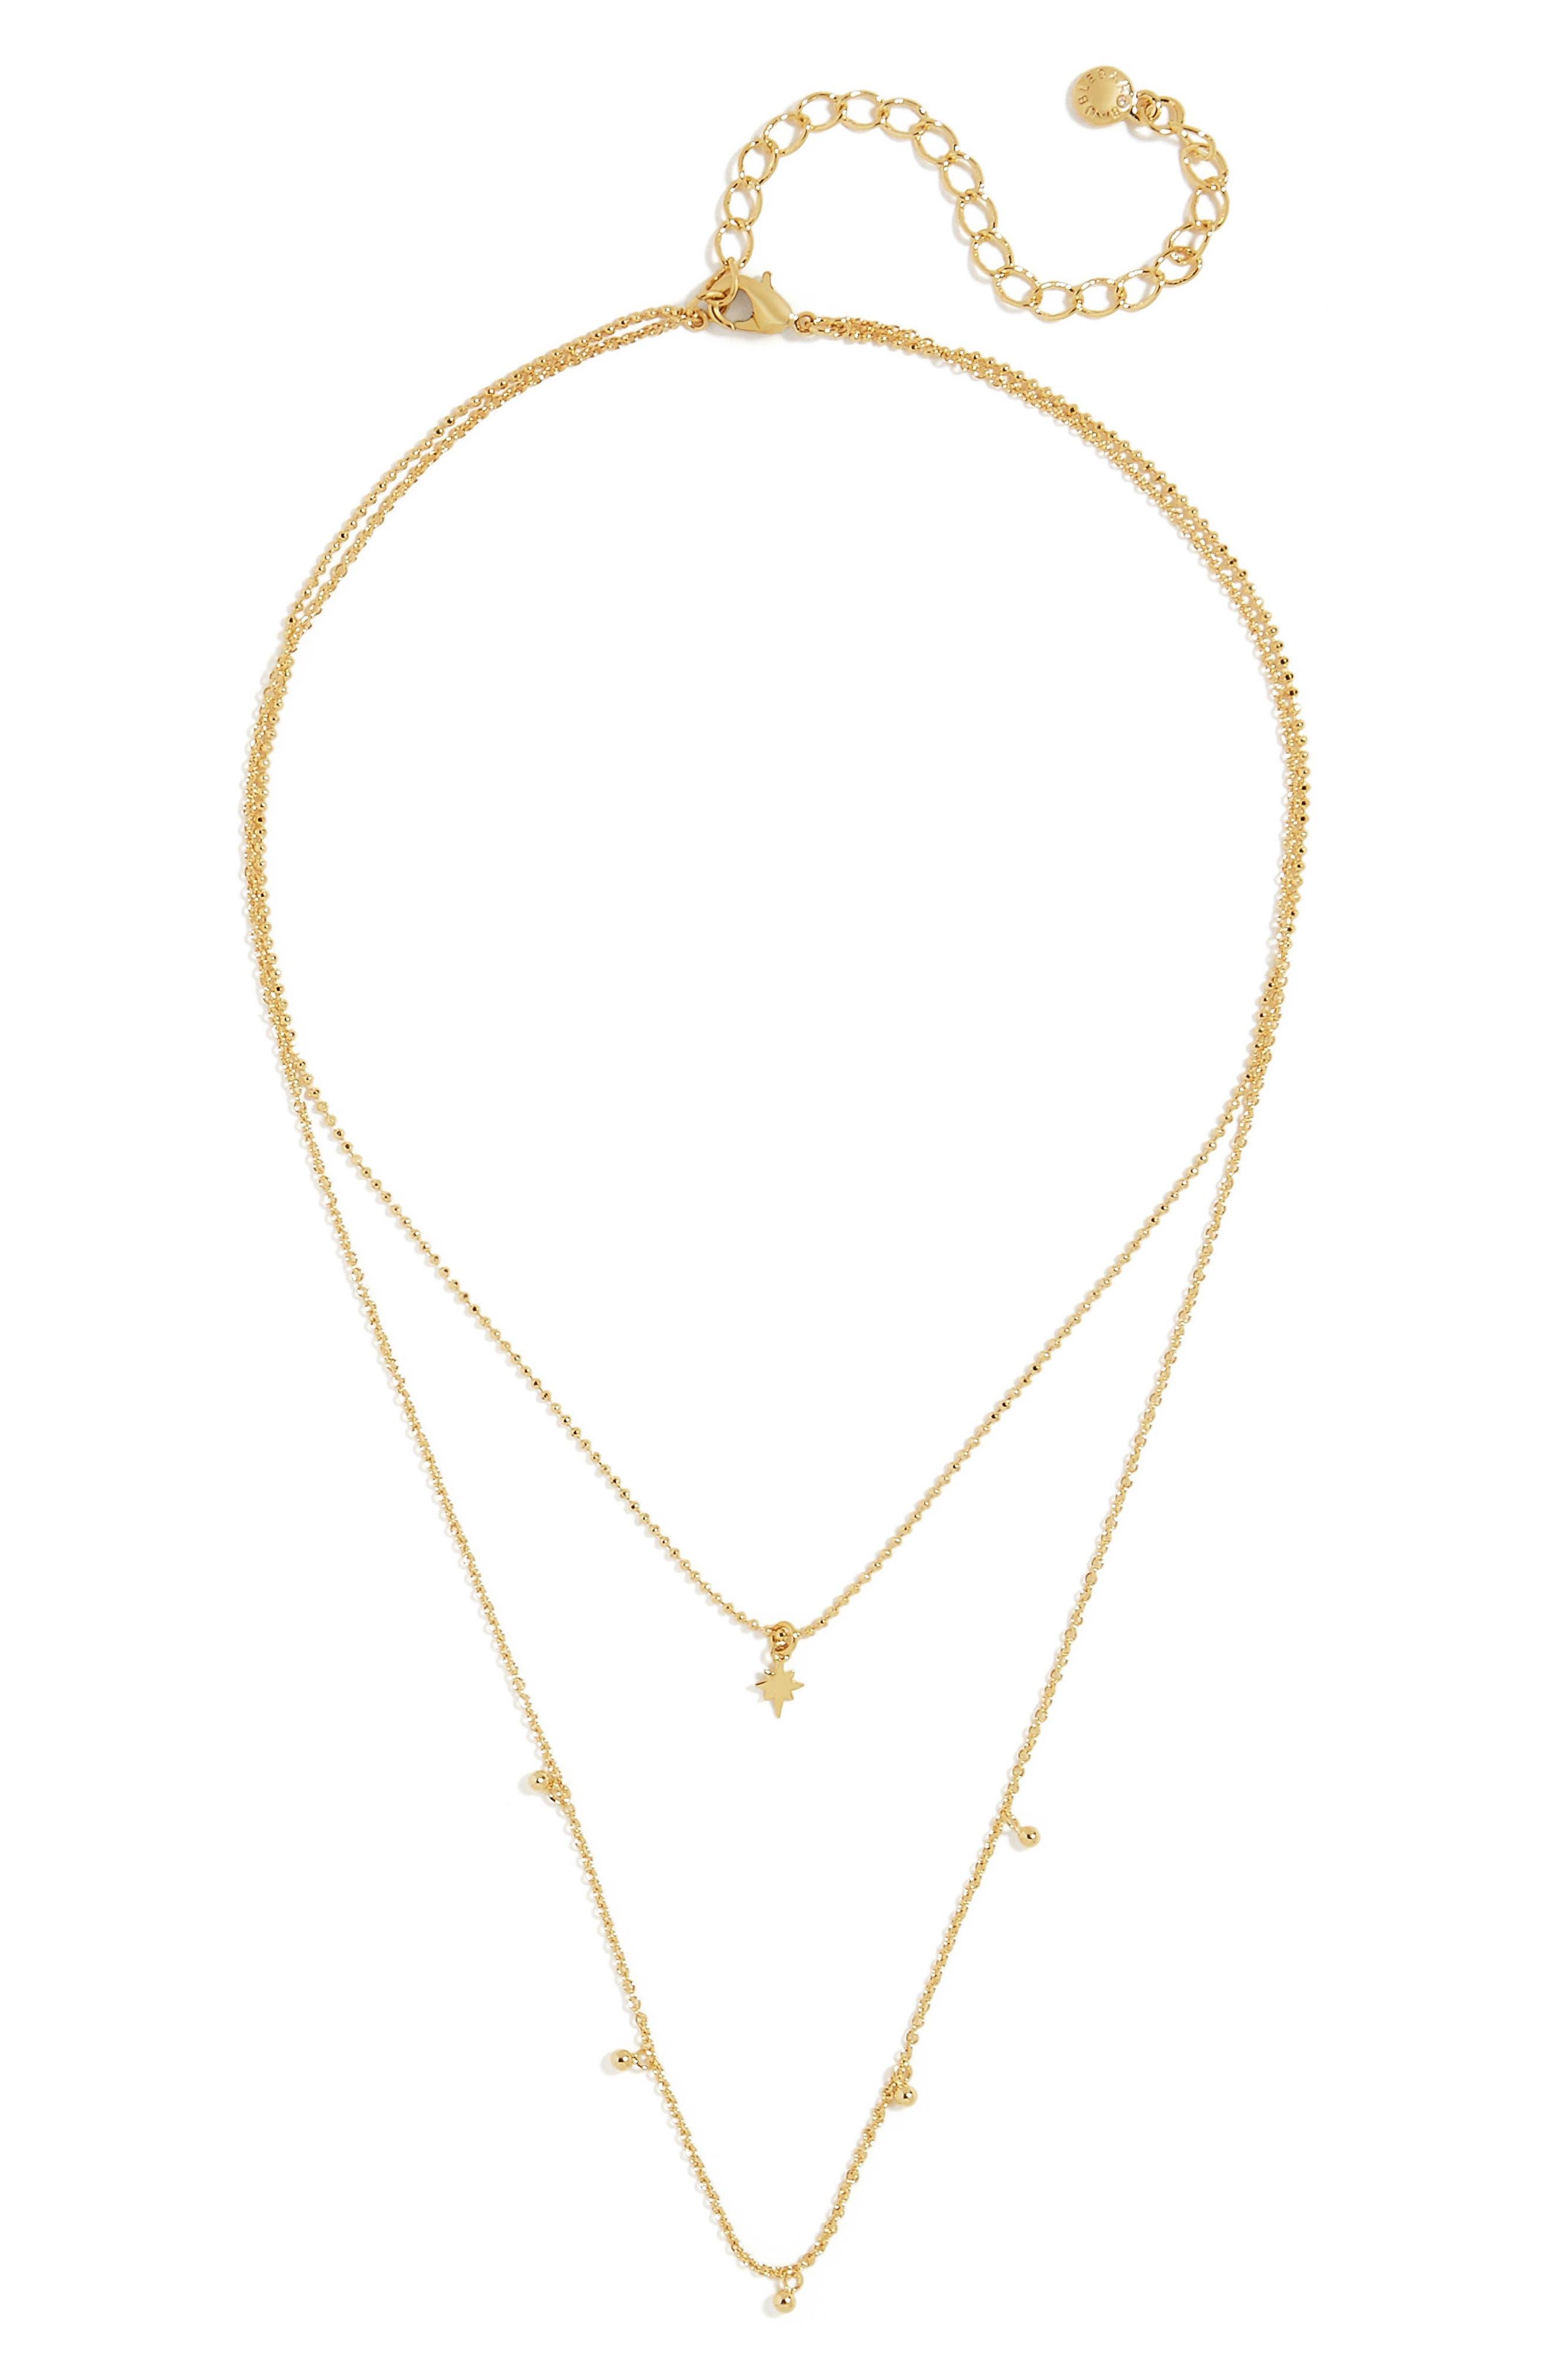 BAUBLEBAR Multistrand Necklace